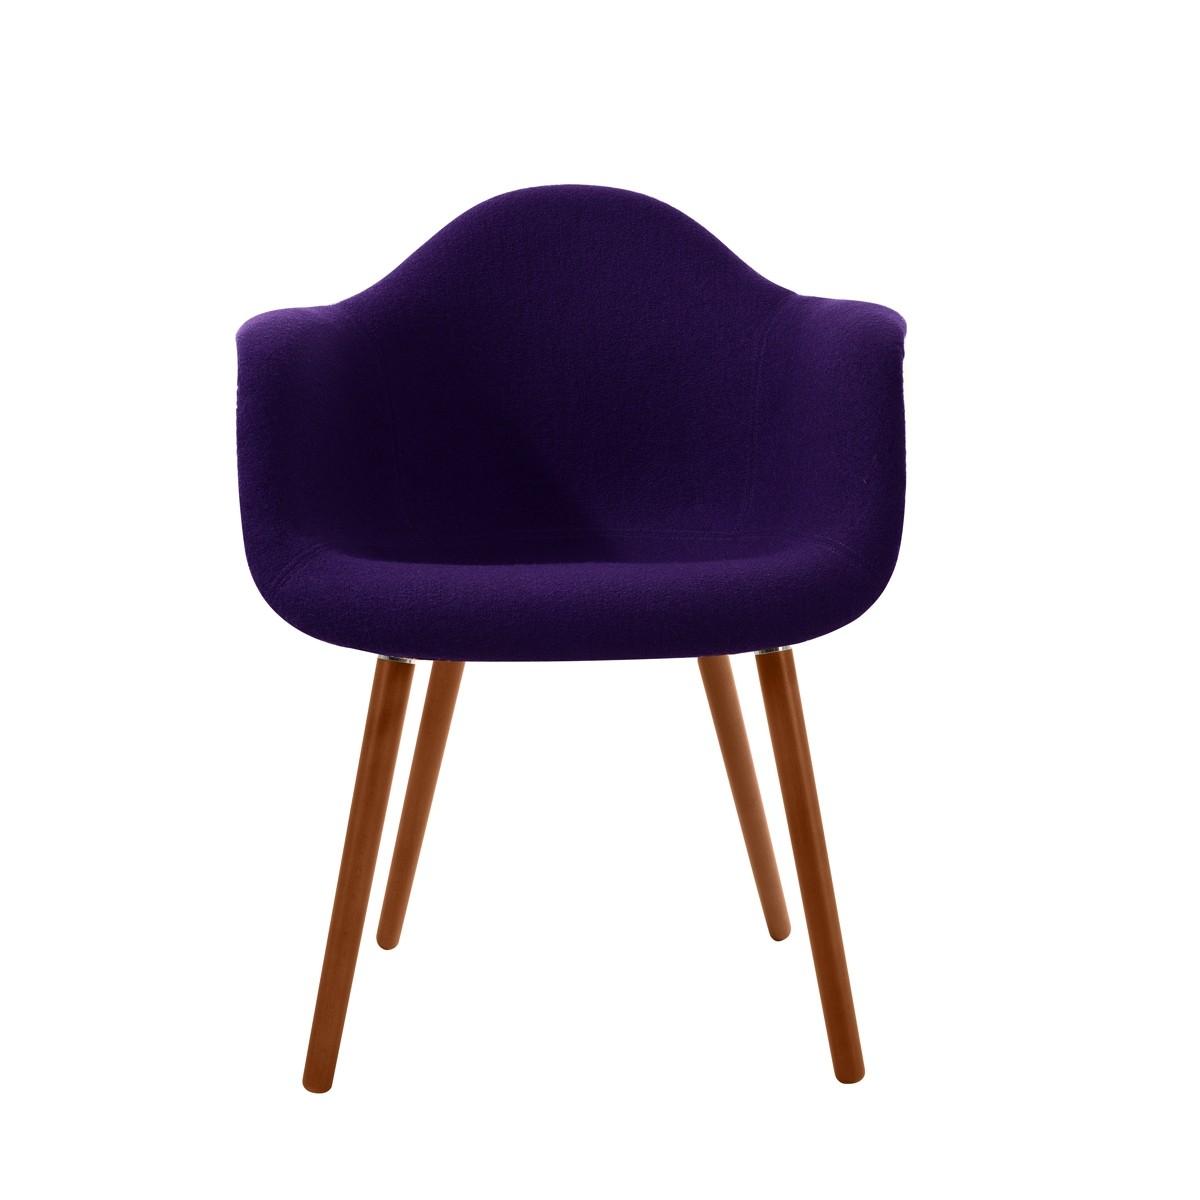 acheter fauteuil violet pieds bois clair